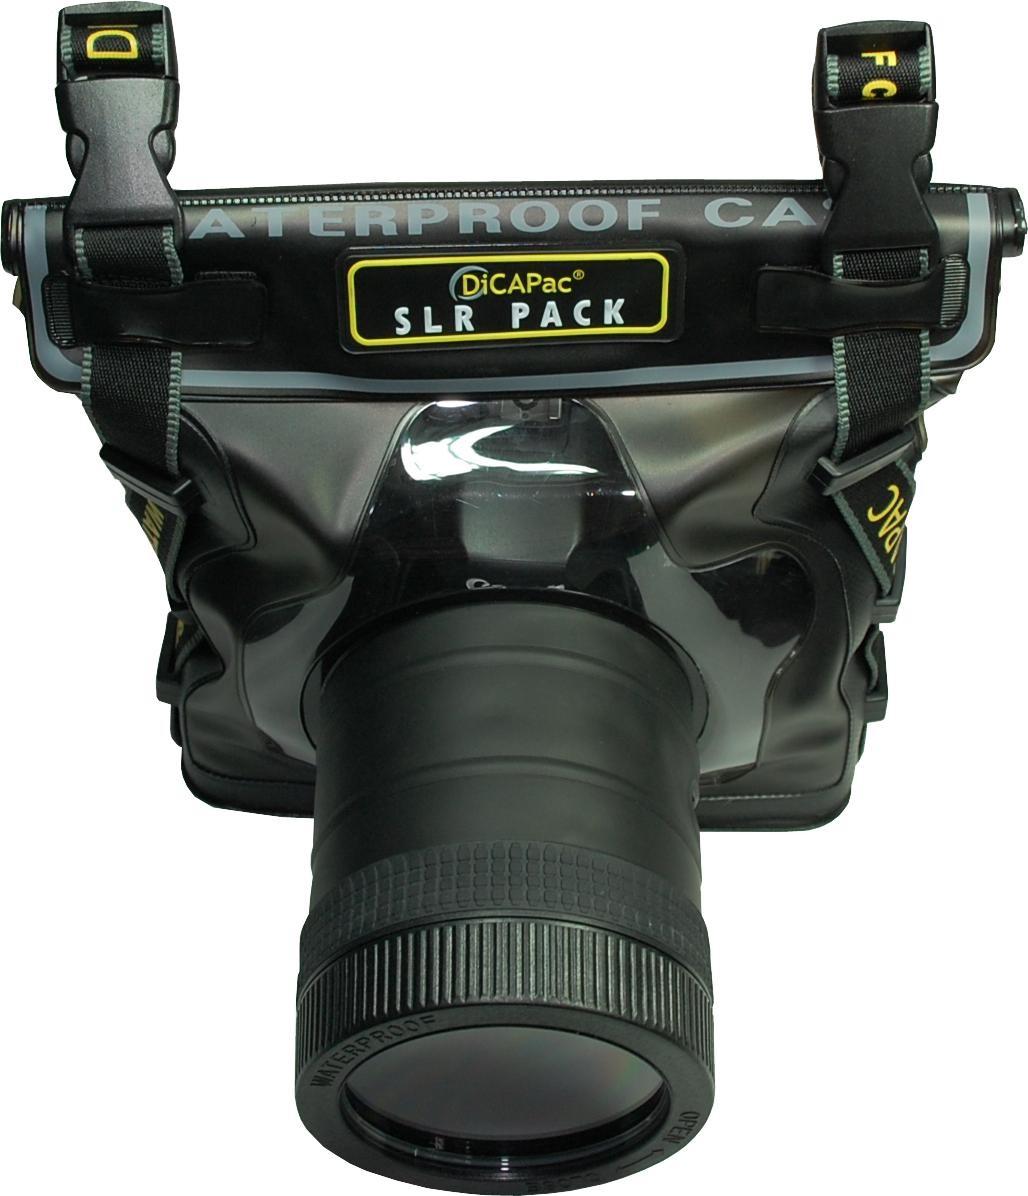 DiCAPac WP-S10 Spiegelreflexkamera Unterwassergehäuse seite mit kamera